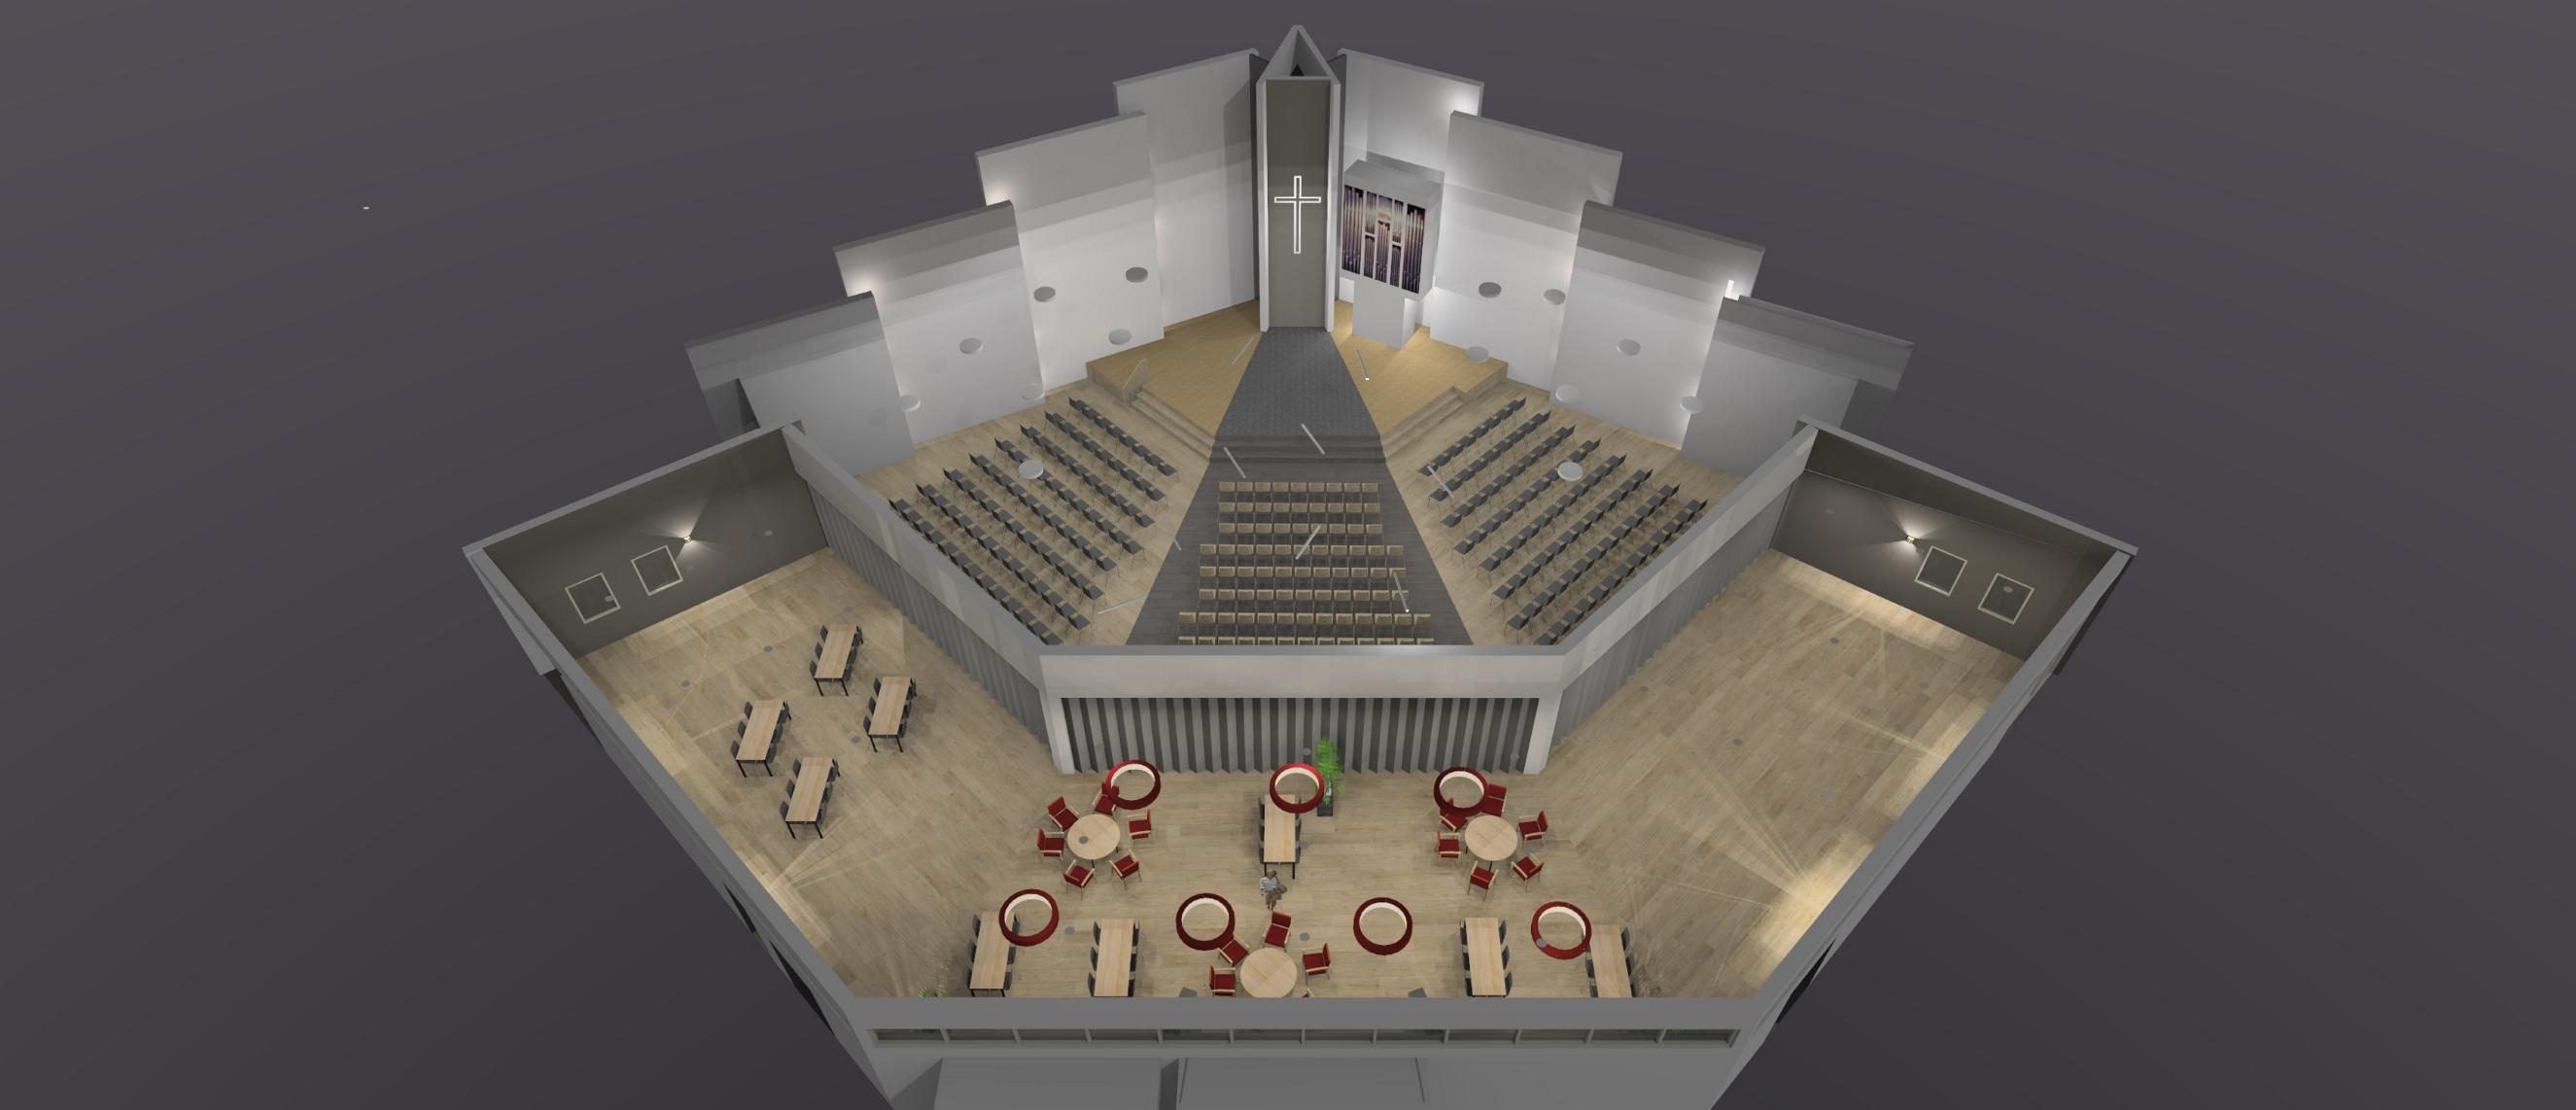 kerk-interieur-ontwerp-1